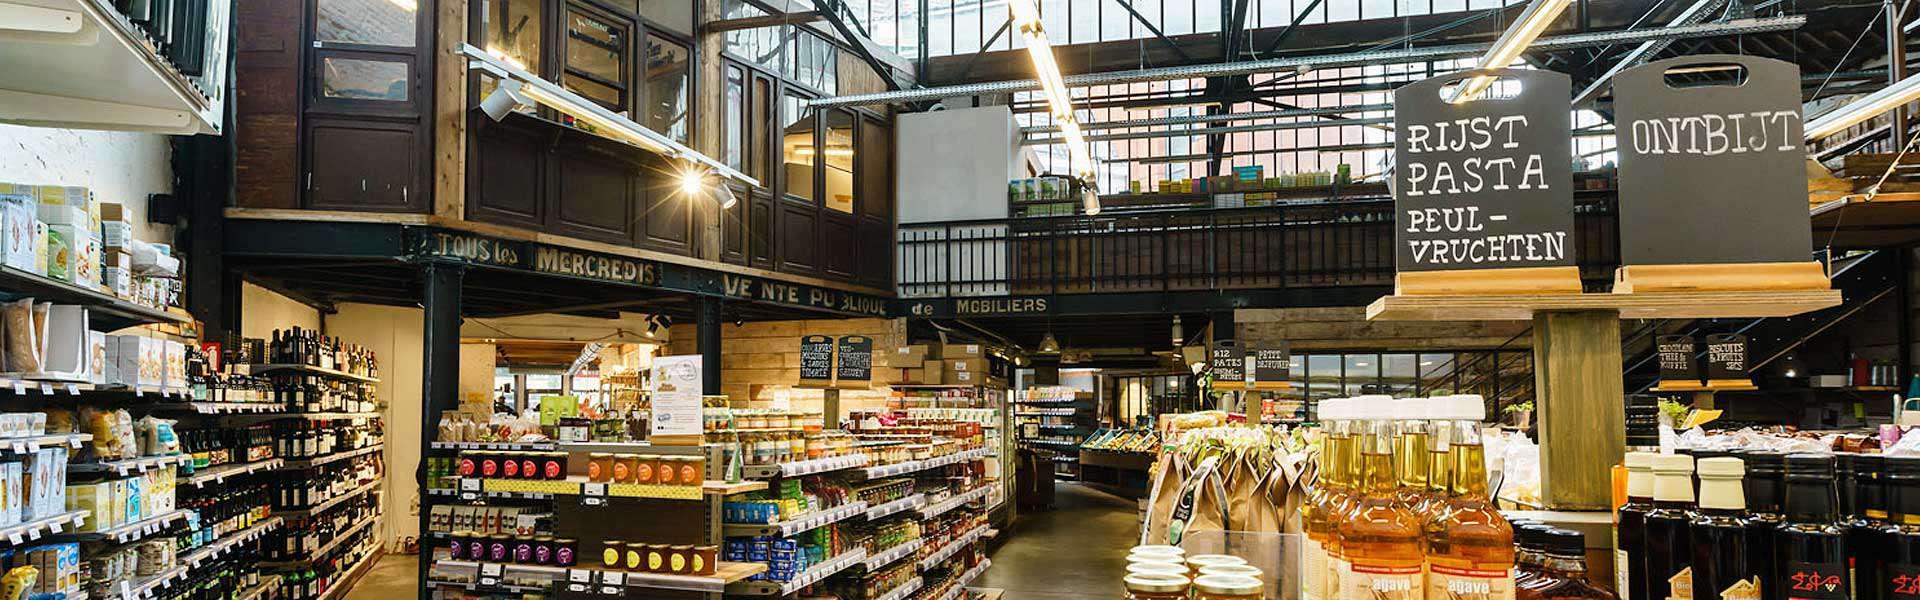 Le premier magasin Färm, quai du Bois à Brûler à Bruxelles: créer un trait d'union entre l'authenticité de la ville et l'authenticité de la campagne.